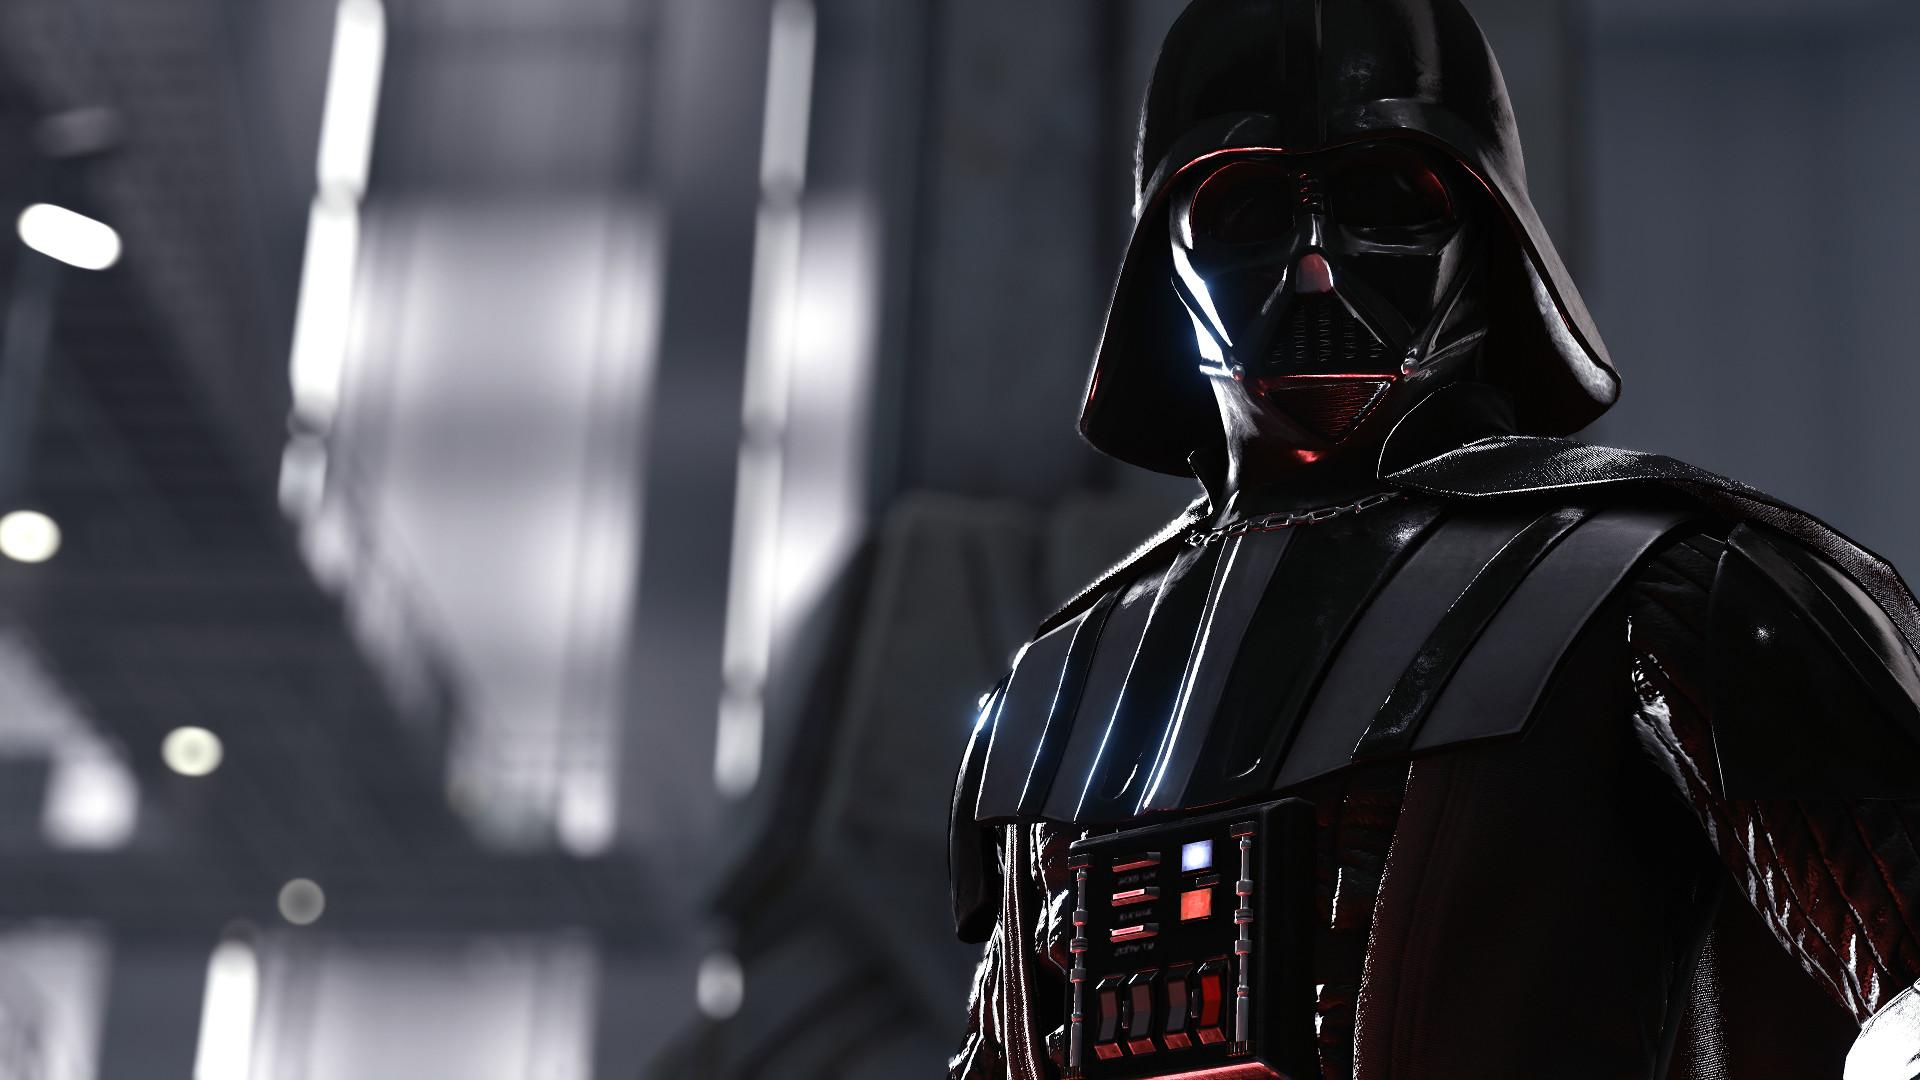 1920x1080 Darth Vader Wallpaper By Stoelpoot Data Darth Vader Wallpaper 4k 1920x1080 Wallpaper Teahub Io